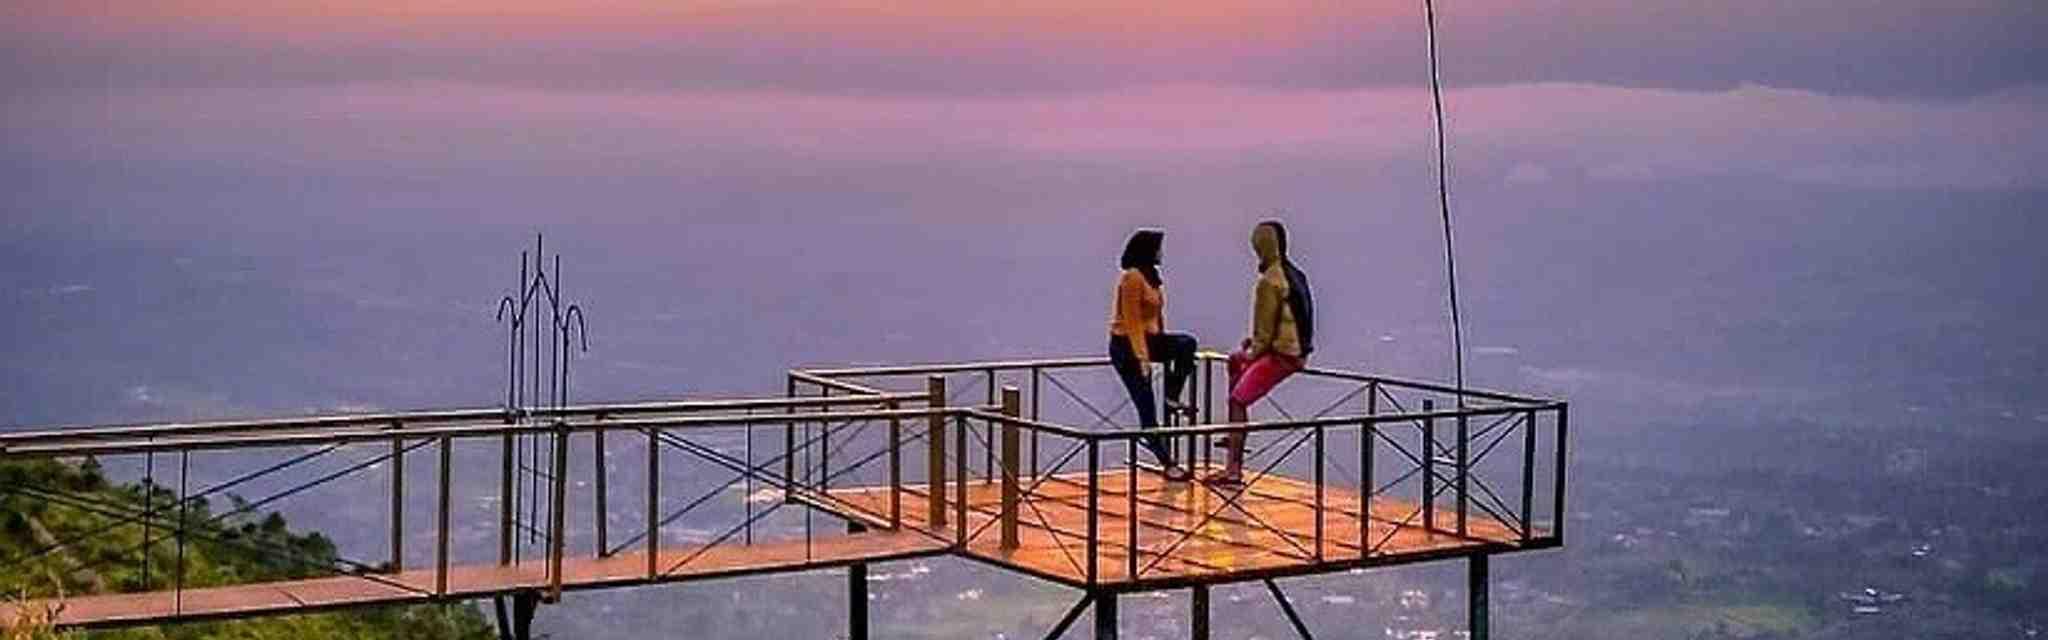 7 Rekomendasi Wisata Romantis di Bogor untuk Pengalaman Manis